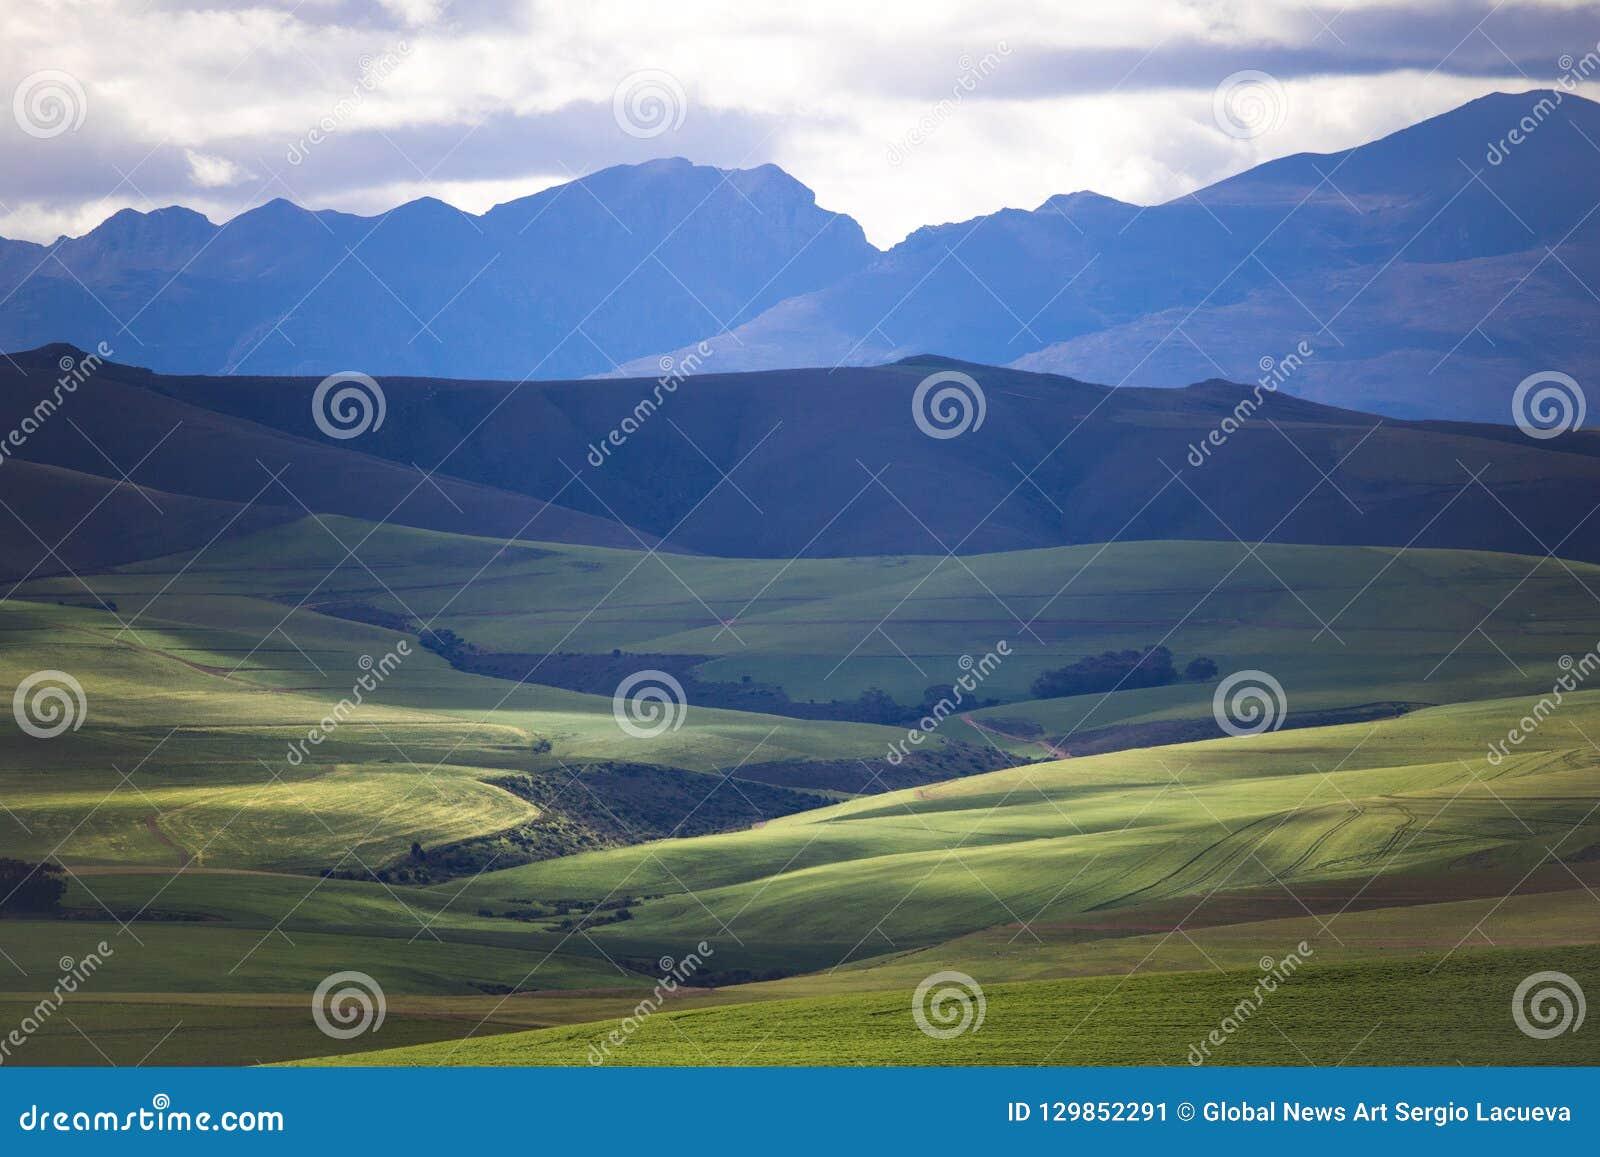 Toczni zieleni rolniczy pola z górami w tle Południowa Afryka - Caledon, Zachodni przylądek -